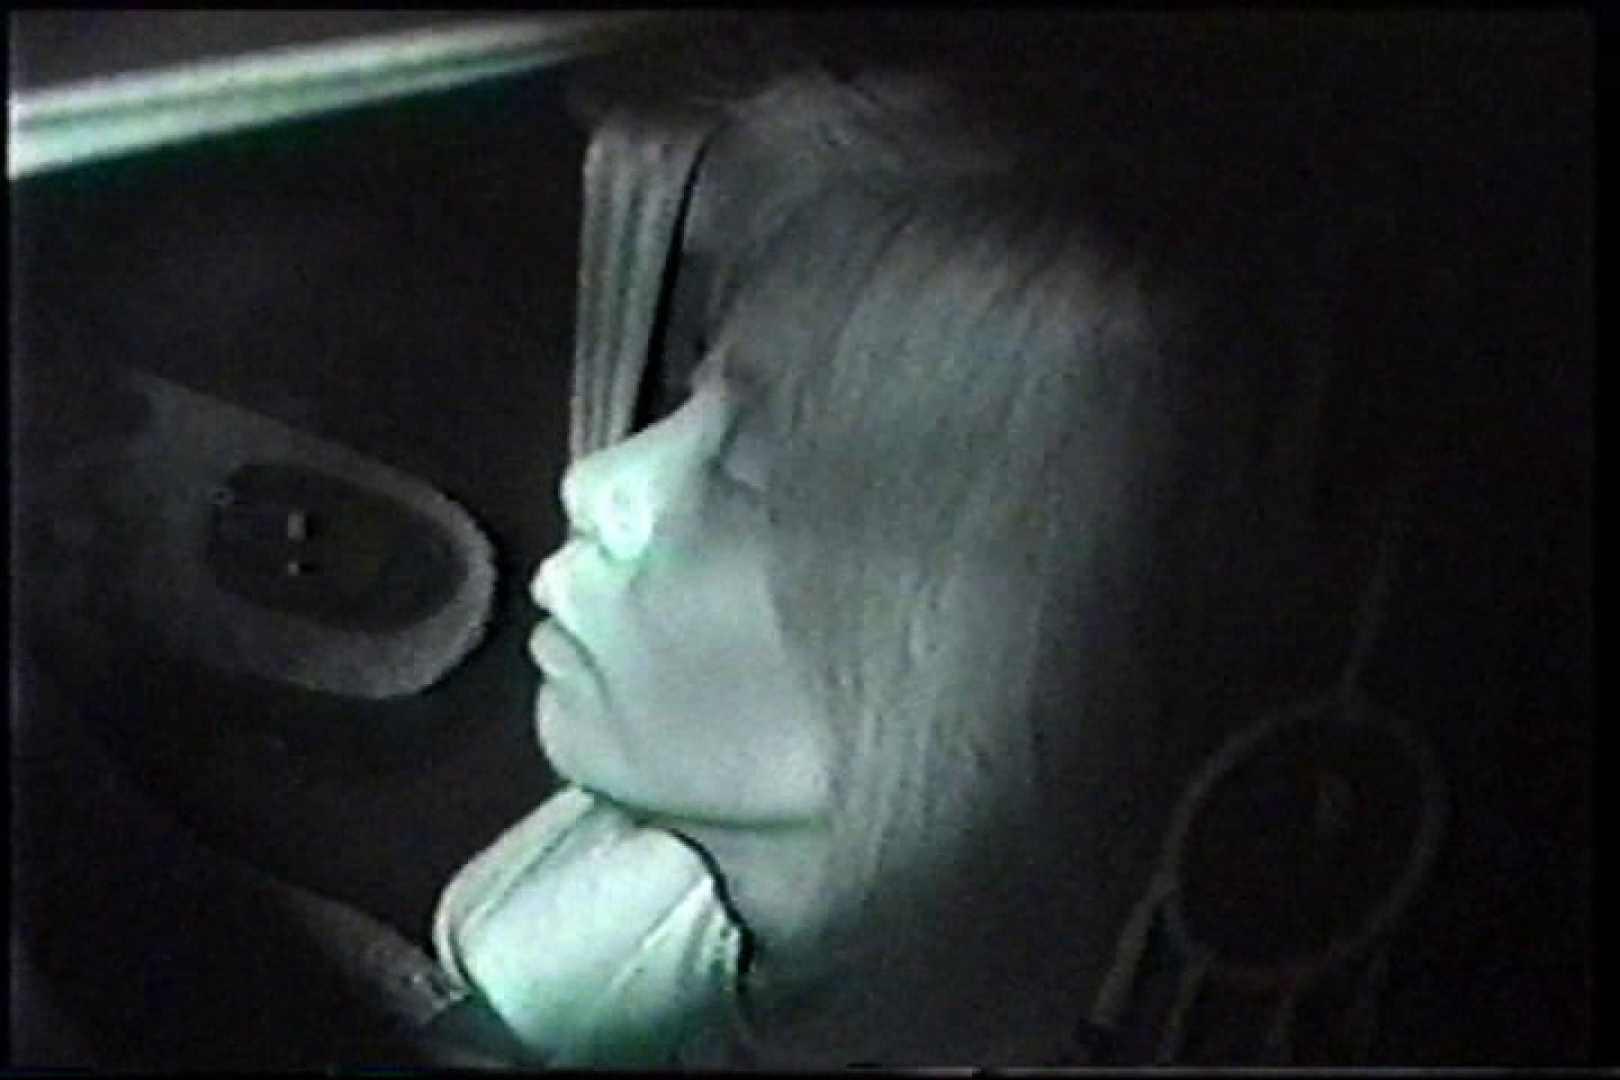 充血監督の深夜の運動会Vol.214 後編. レズ特集 ヌード画像 88pic 77